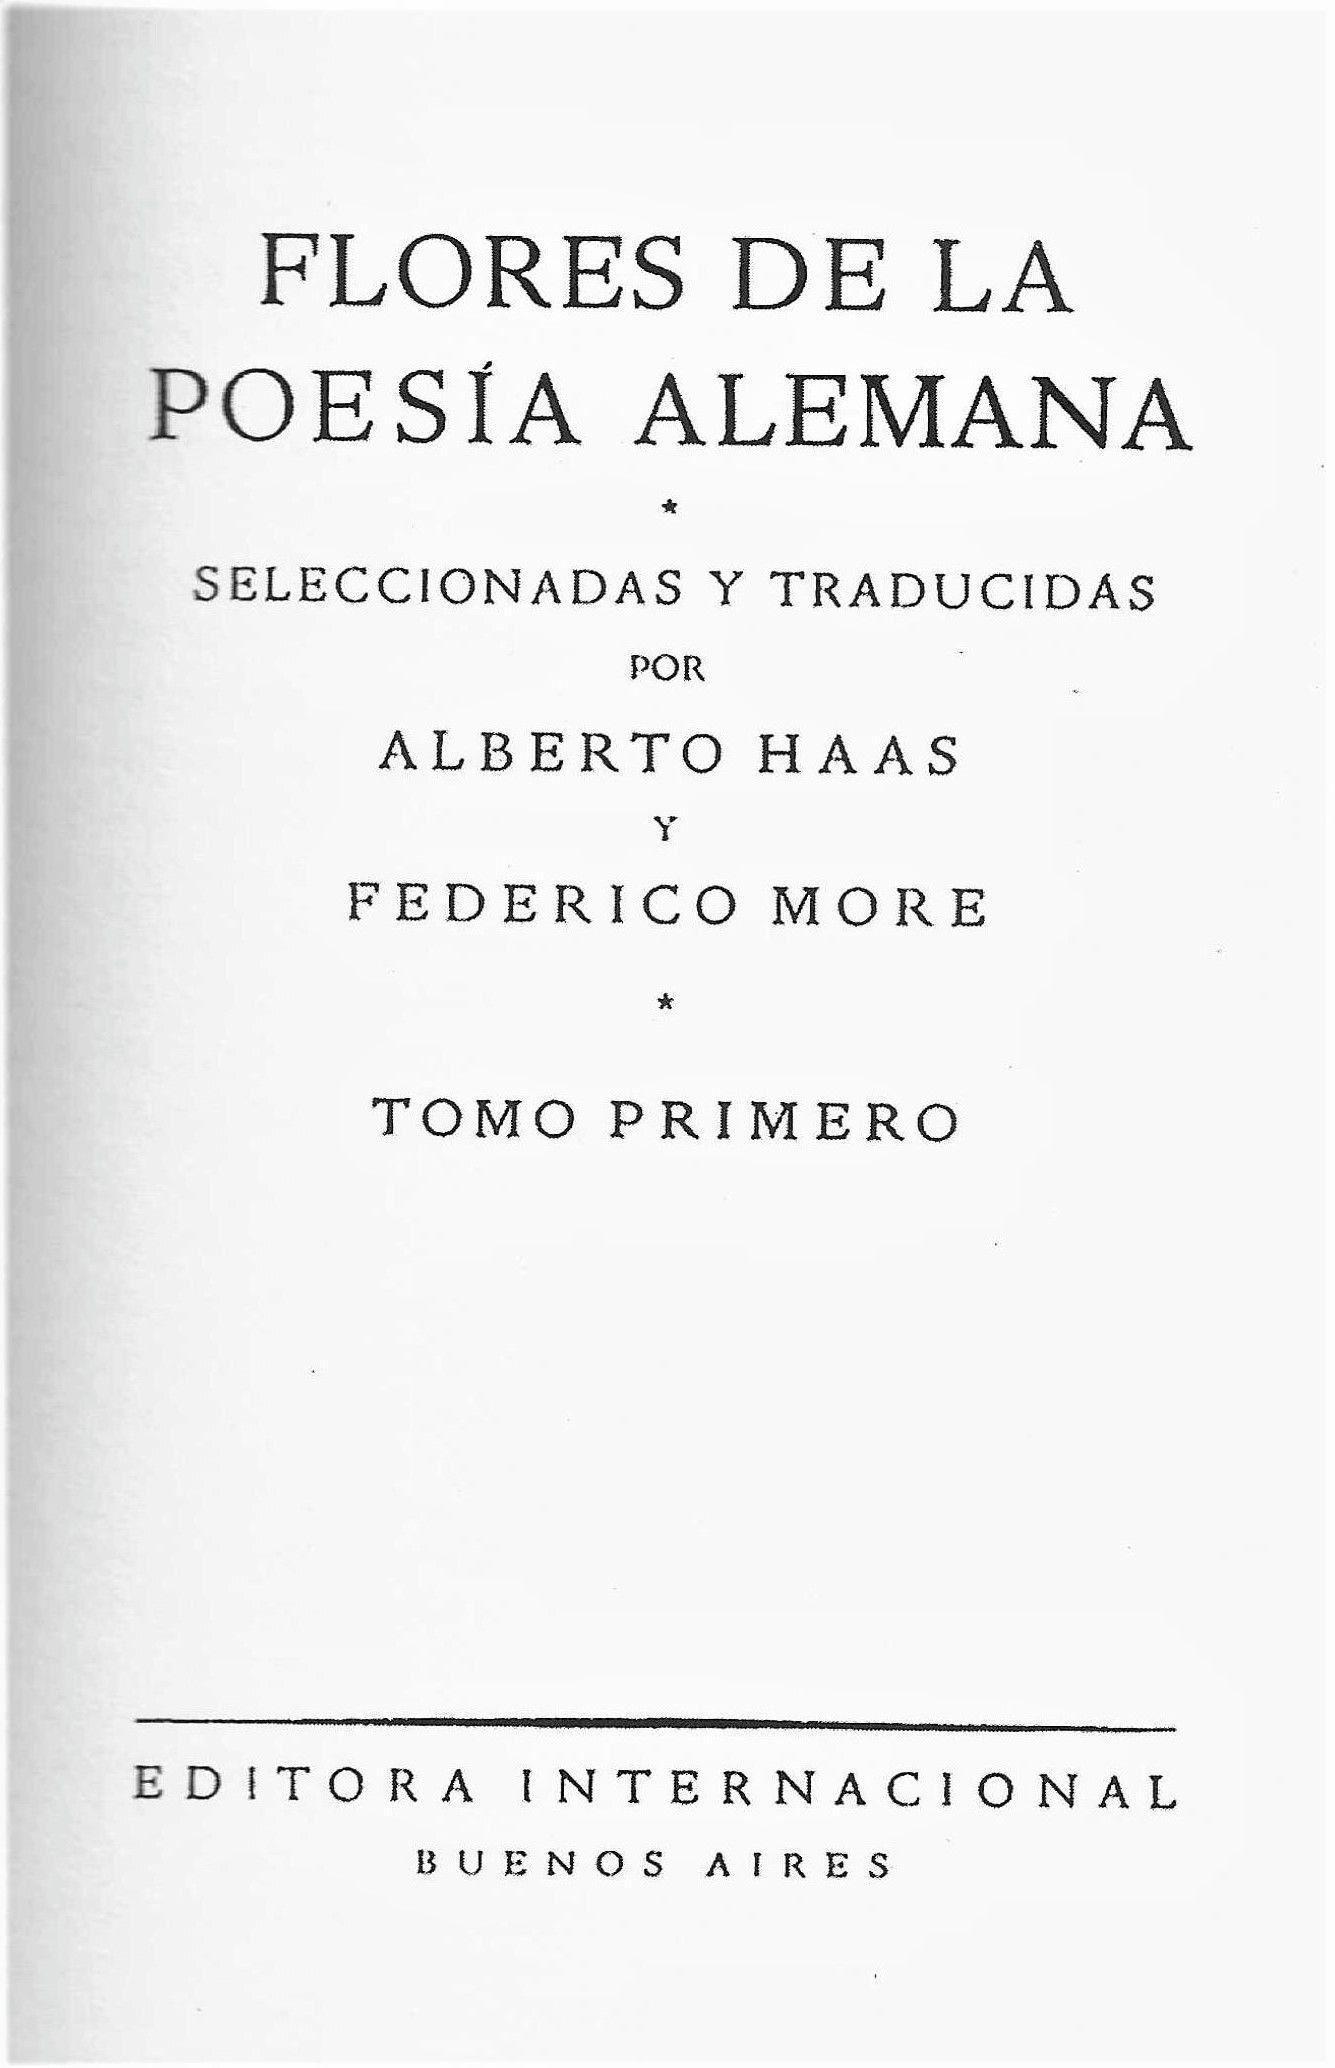 """Portada de """"Flores de la poesía alemana"""", libro de Editora Internacional, publicado en Buenos Aires, y seleccionado y traducido por Alberto Haas y Federico More."""